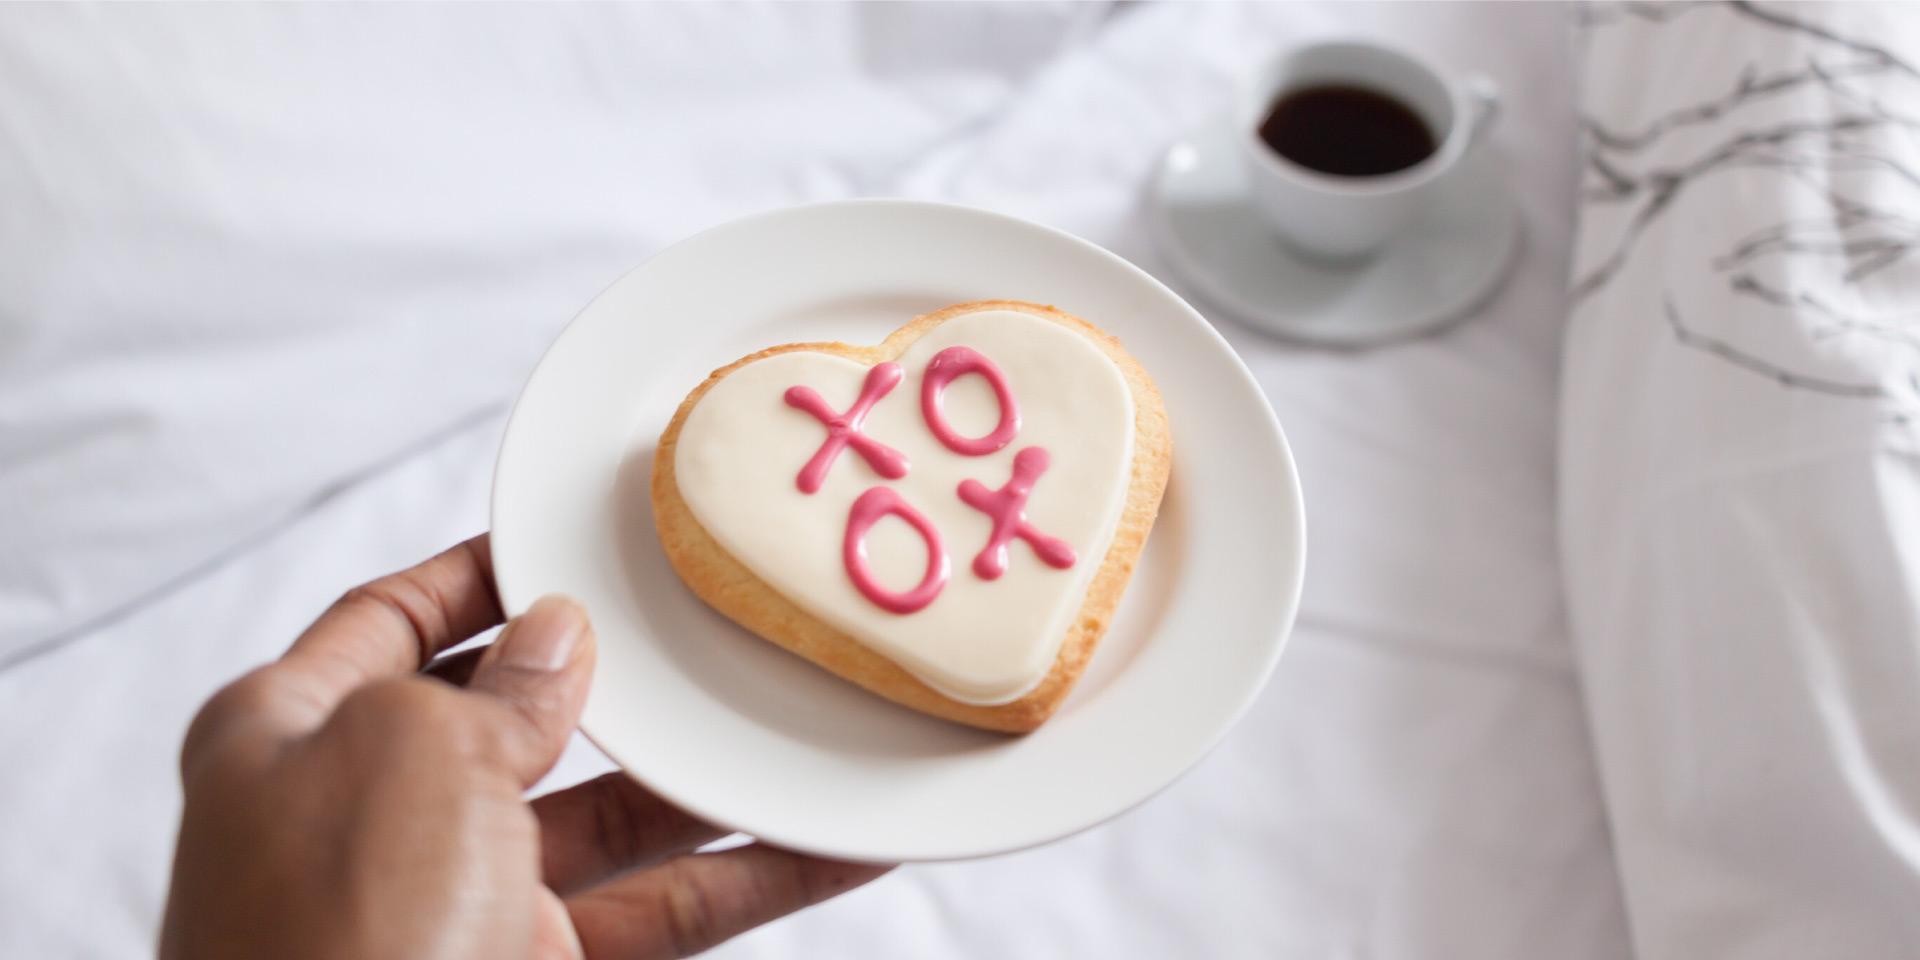 vday-cookies.jpg